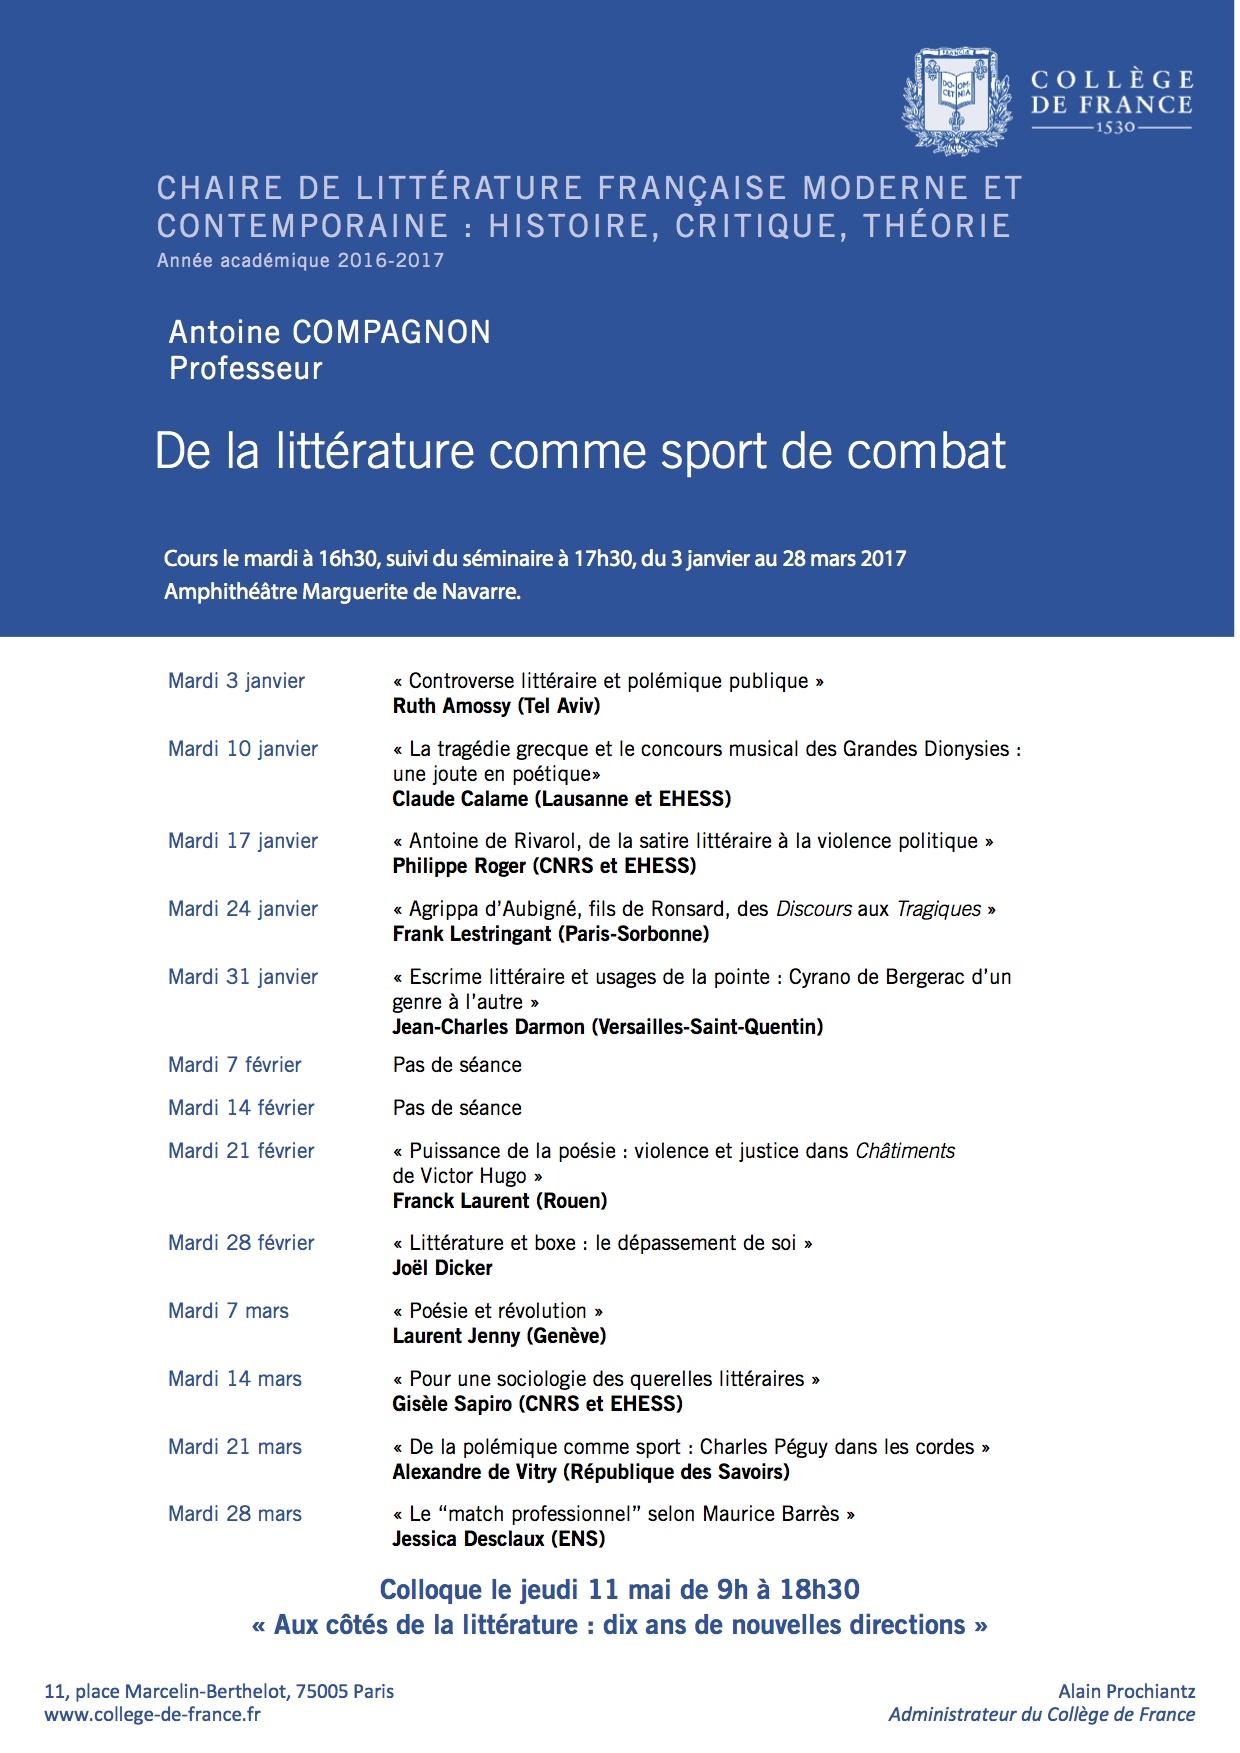 UPL136940259376951836_Antoine_Compagnon_Seminaire_2017